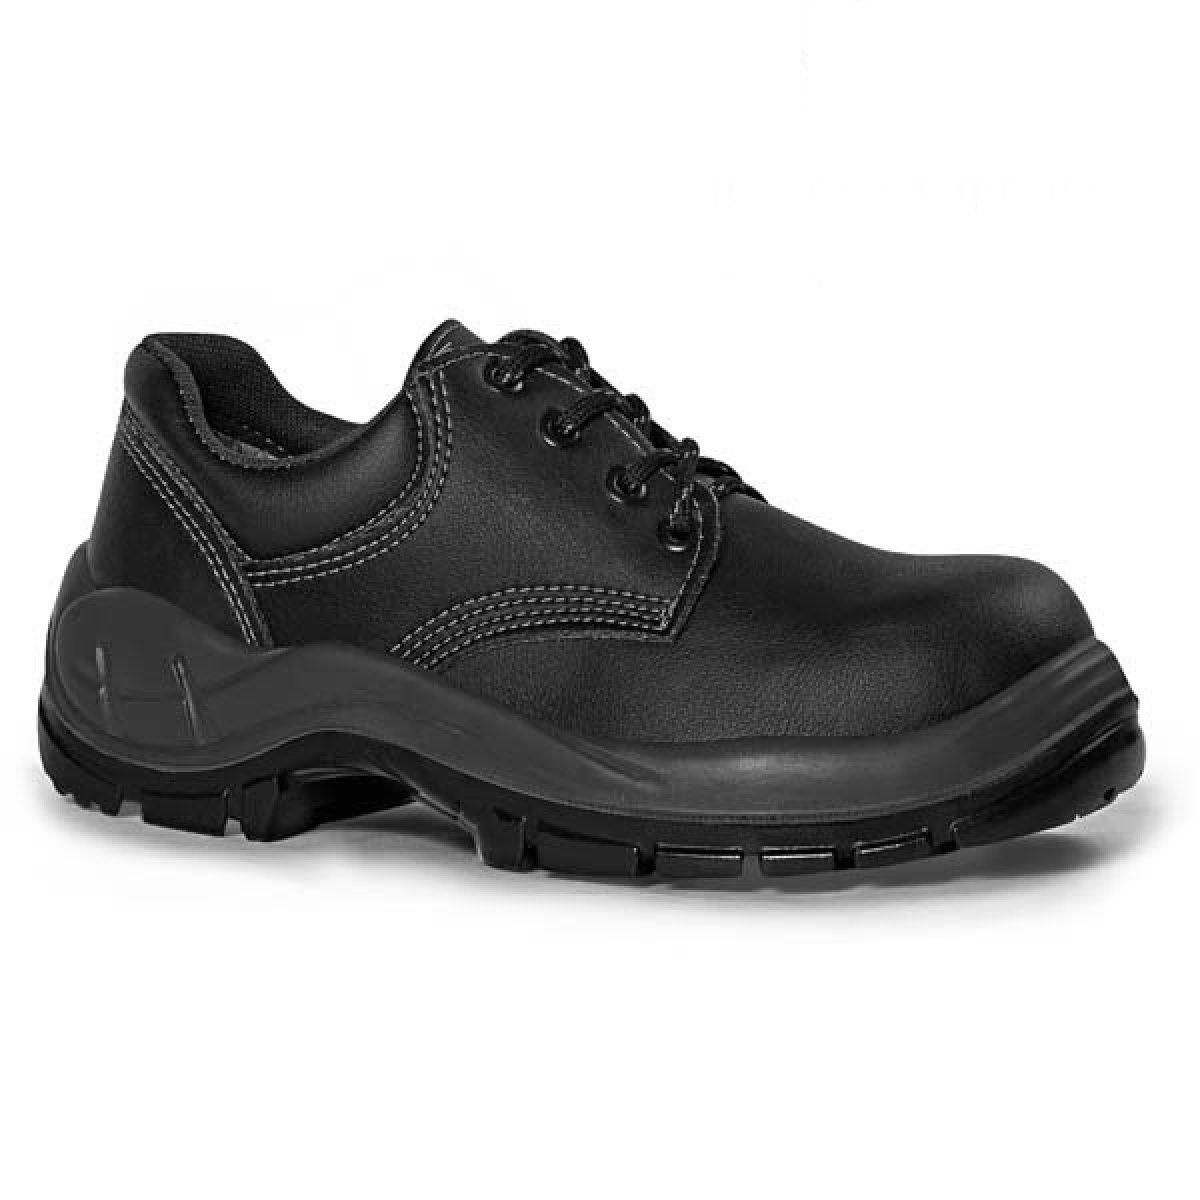 Sapato c/ Cadarço Bidensidade s/ Bico de Aço Preto N°44 - BRACOL